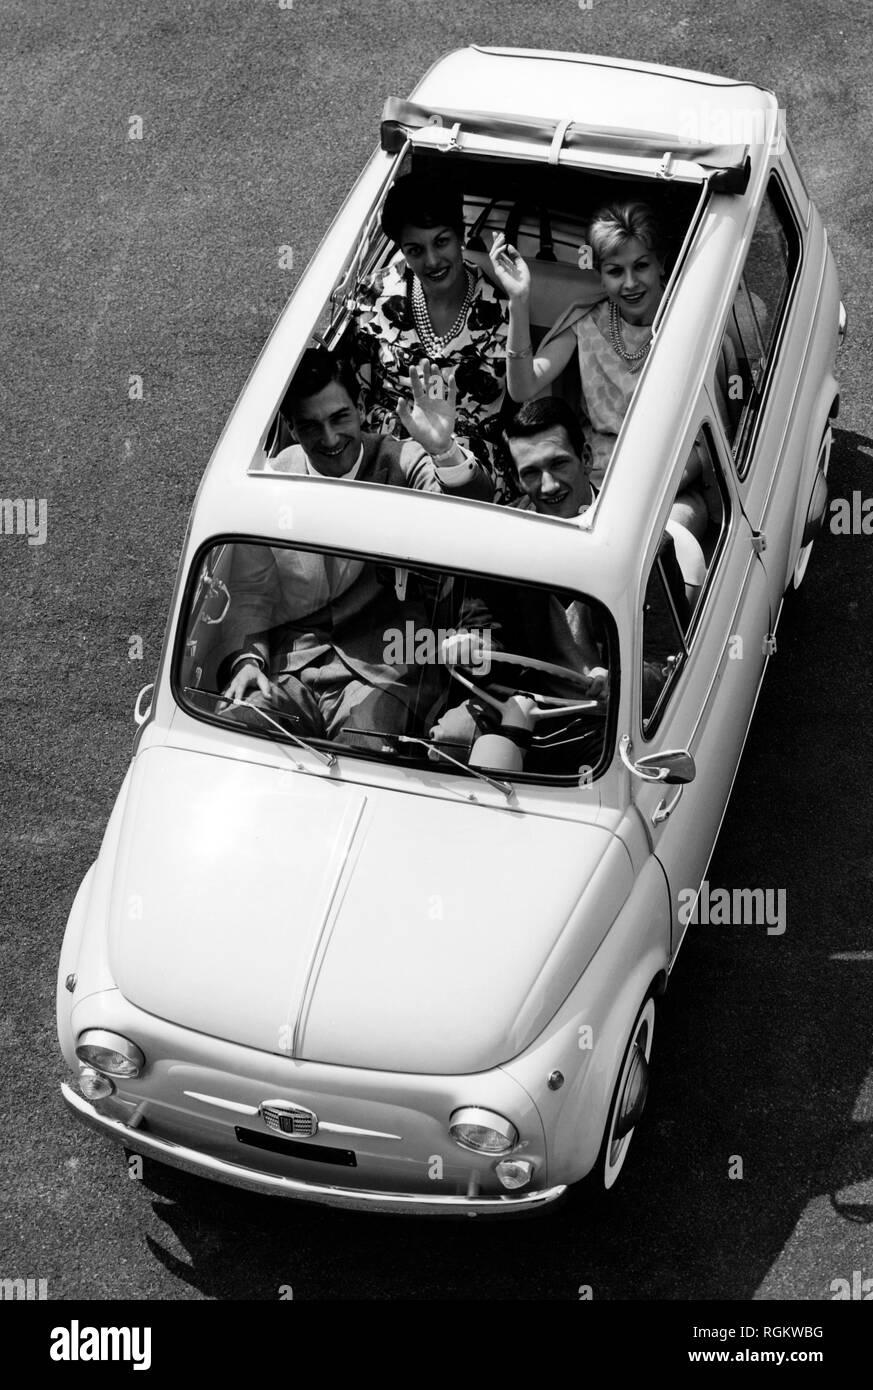 Fiat 500 Giardiniera 1960 Stock Photo 234006292 Alamy